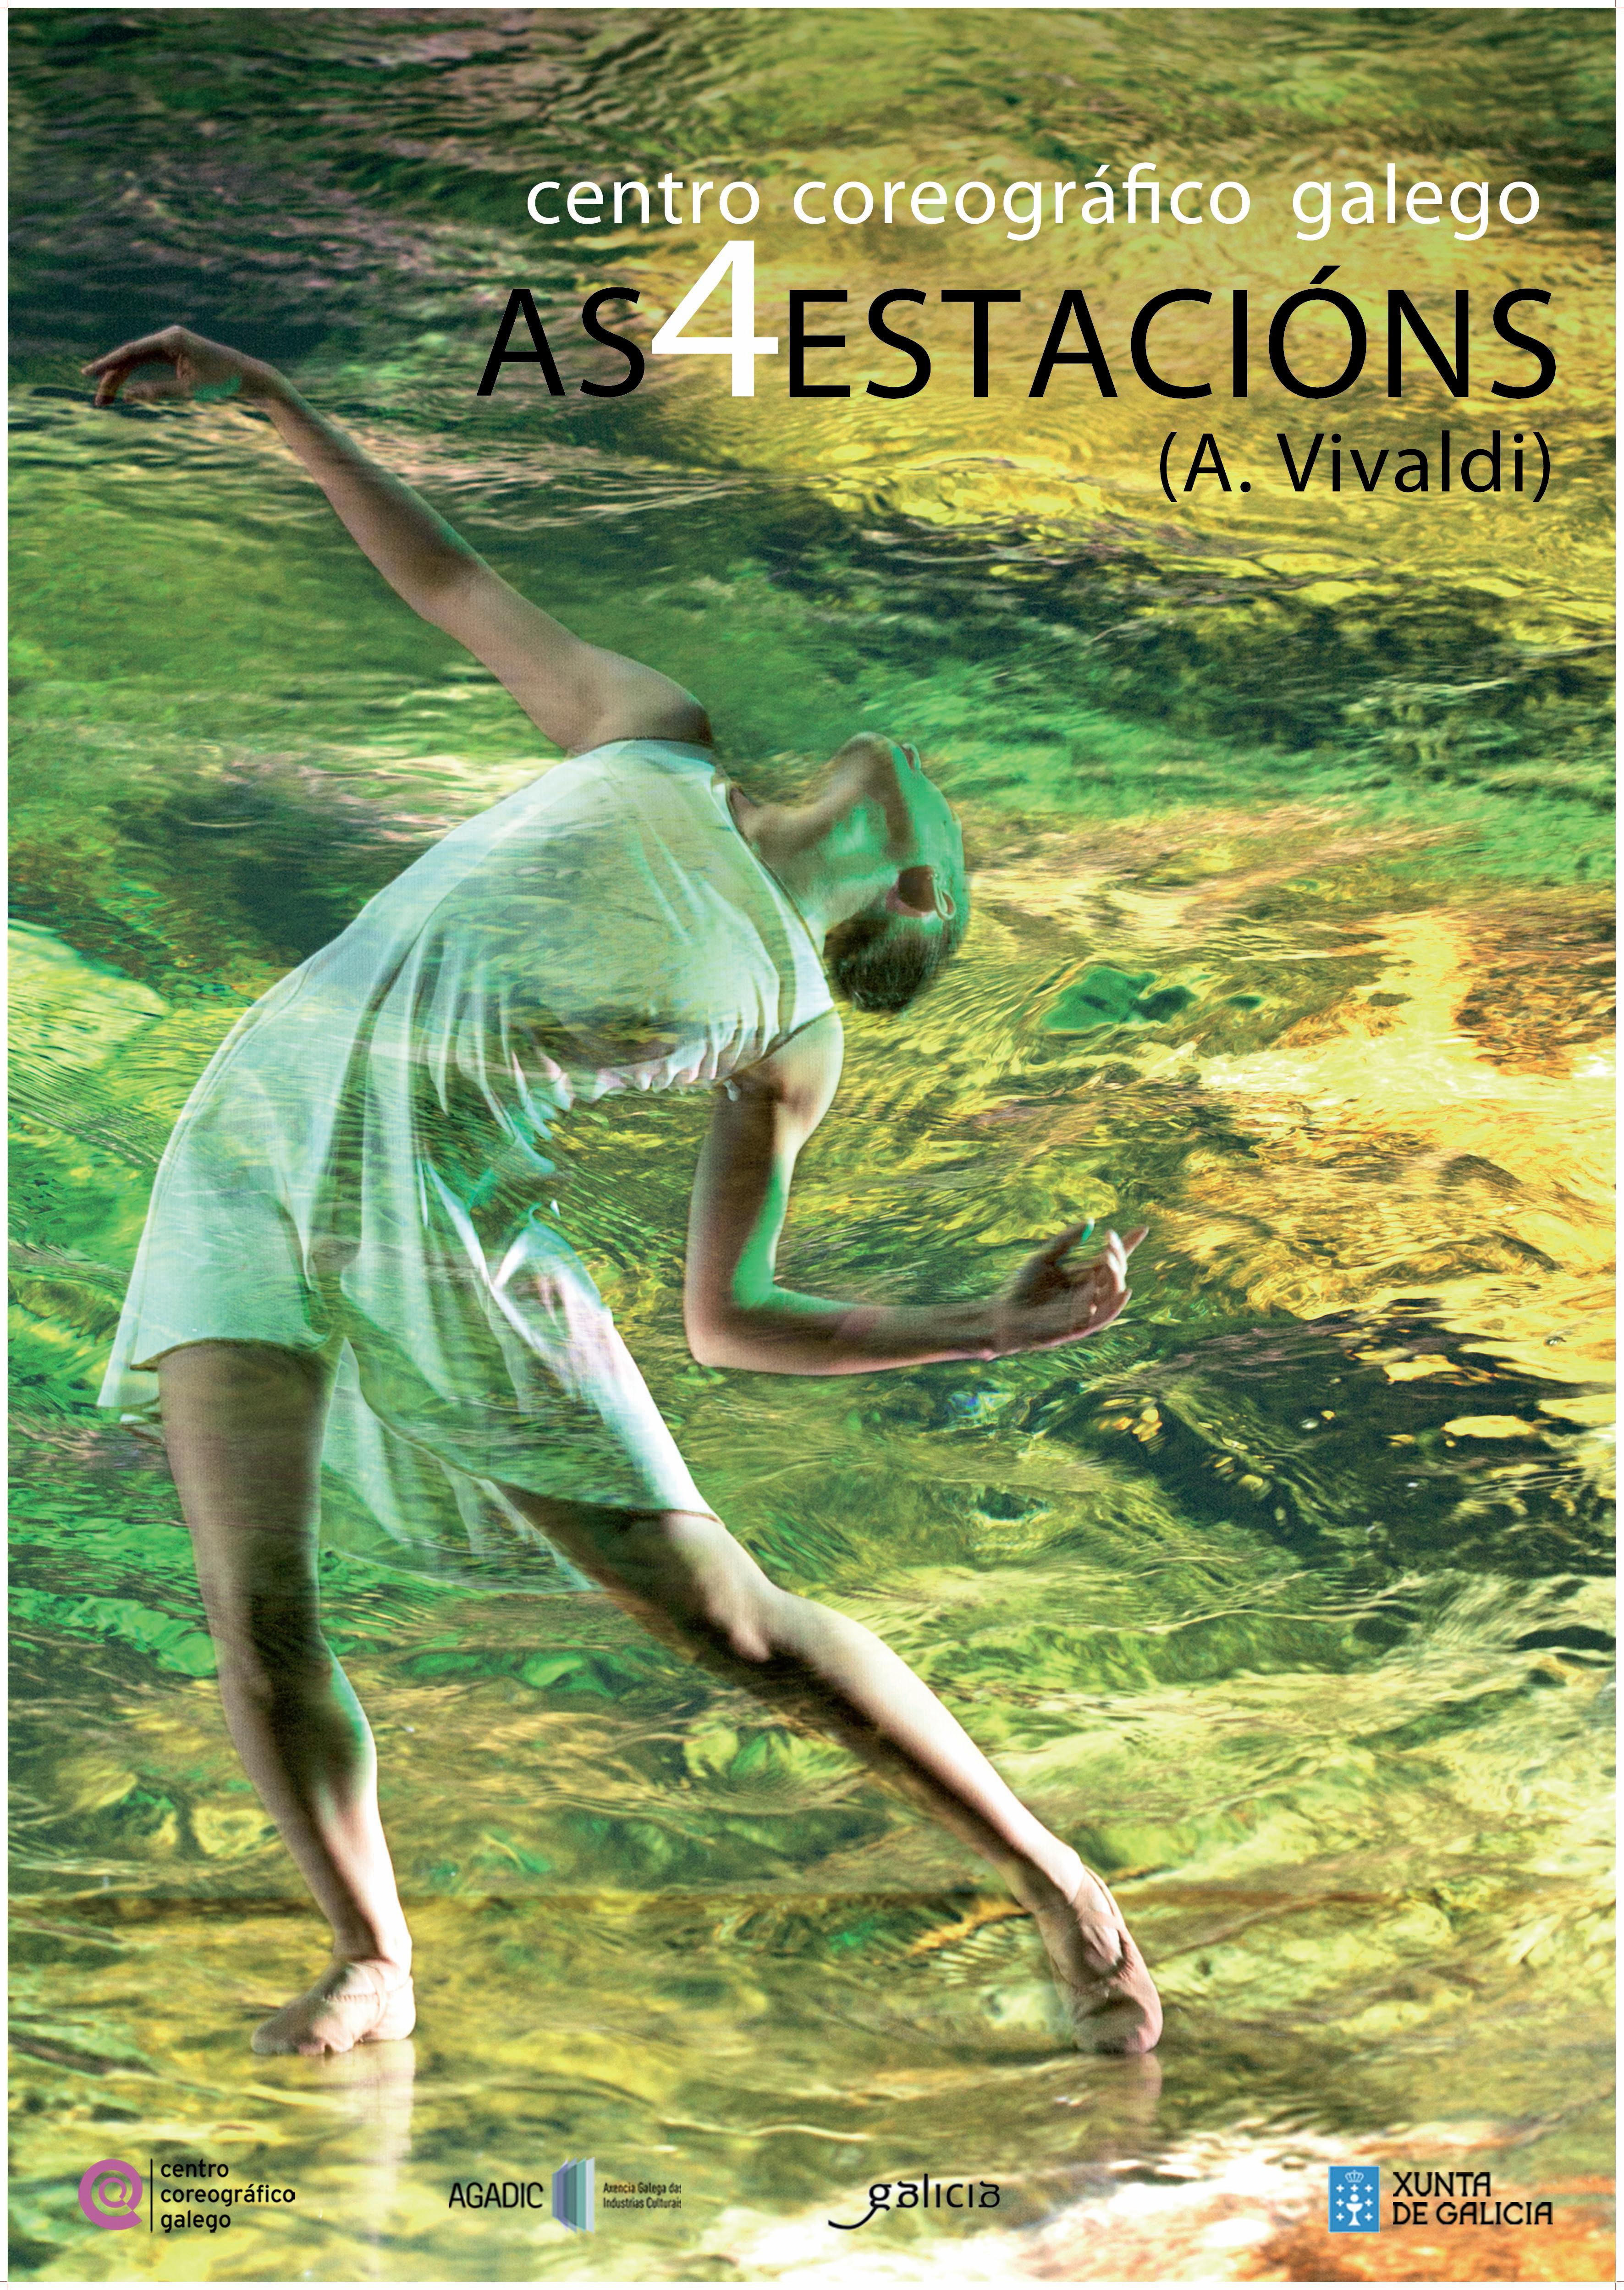 A nova produción conta con coreografías de Kenneth Tindall e de Iker Gómez